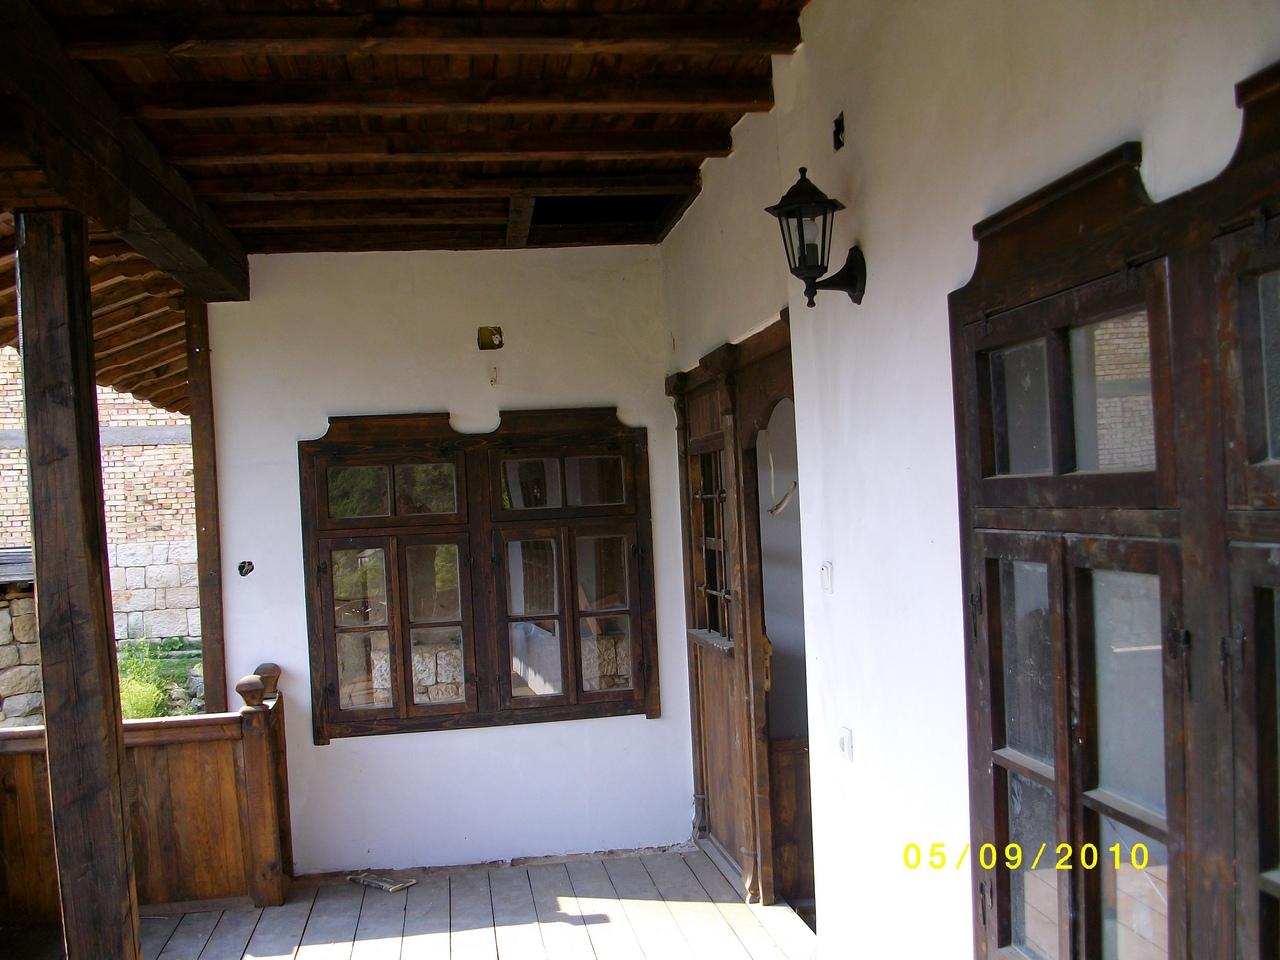 новопостроенои дом в старинои болгарскии стил в село червен,болгария,150кв.м ,шесть комнатъ и прекраснои взгляд 26000 евро,00359878600910